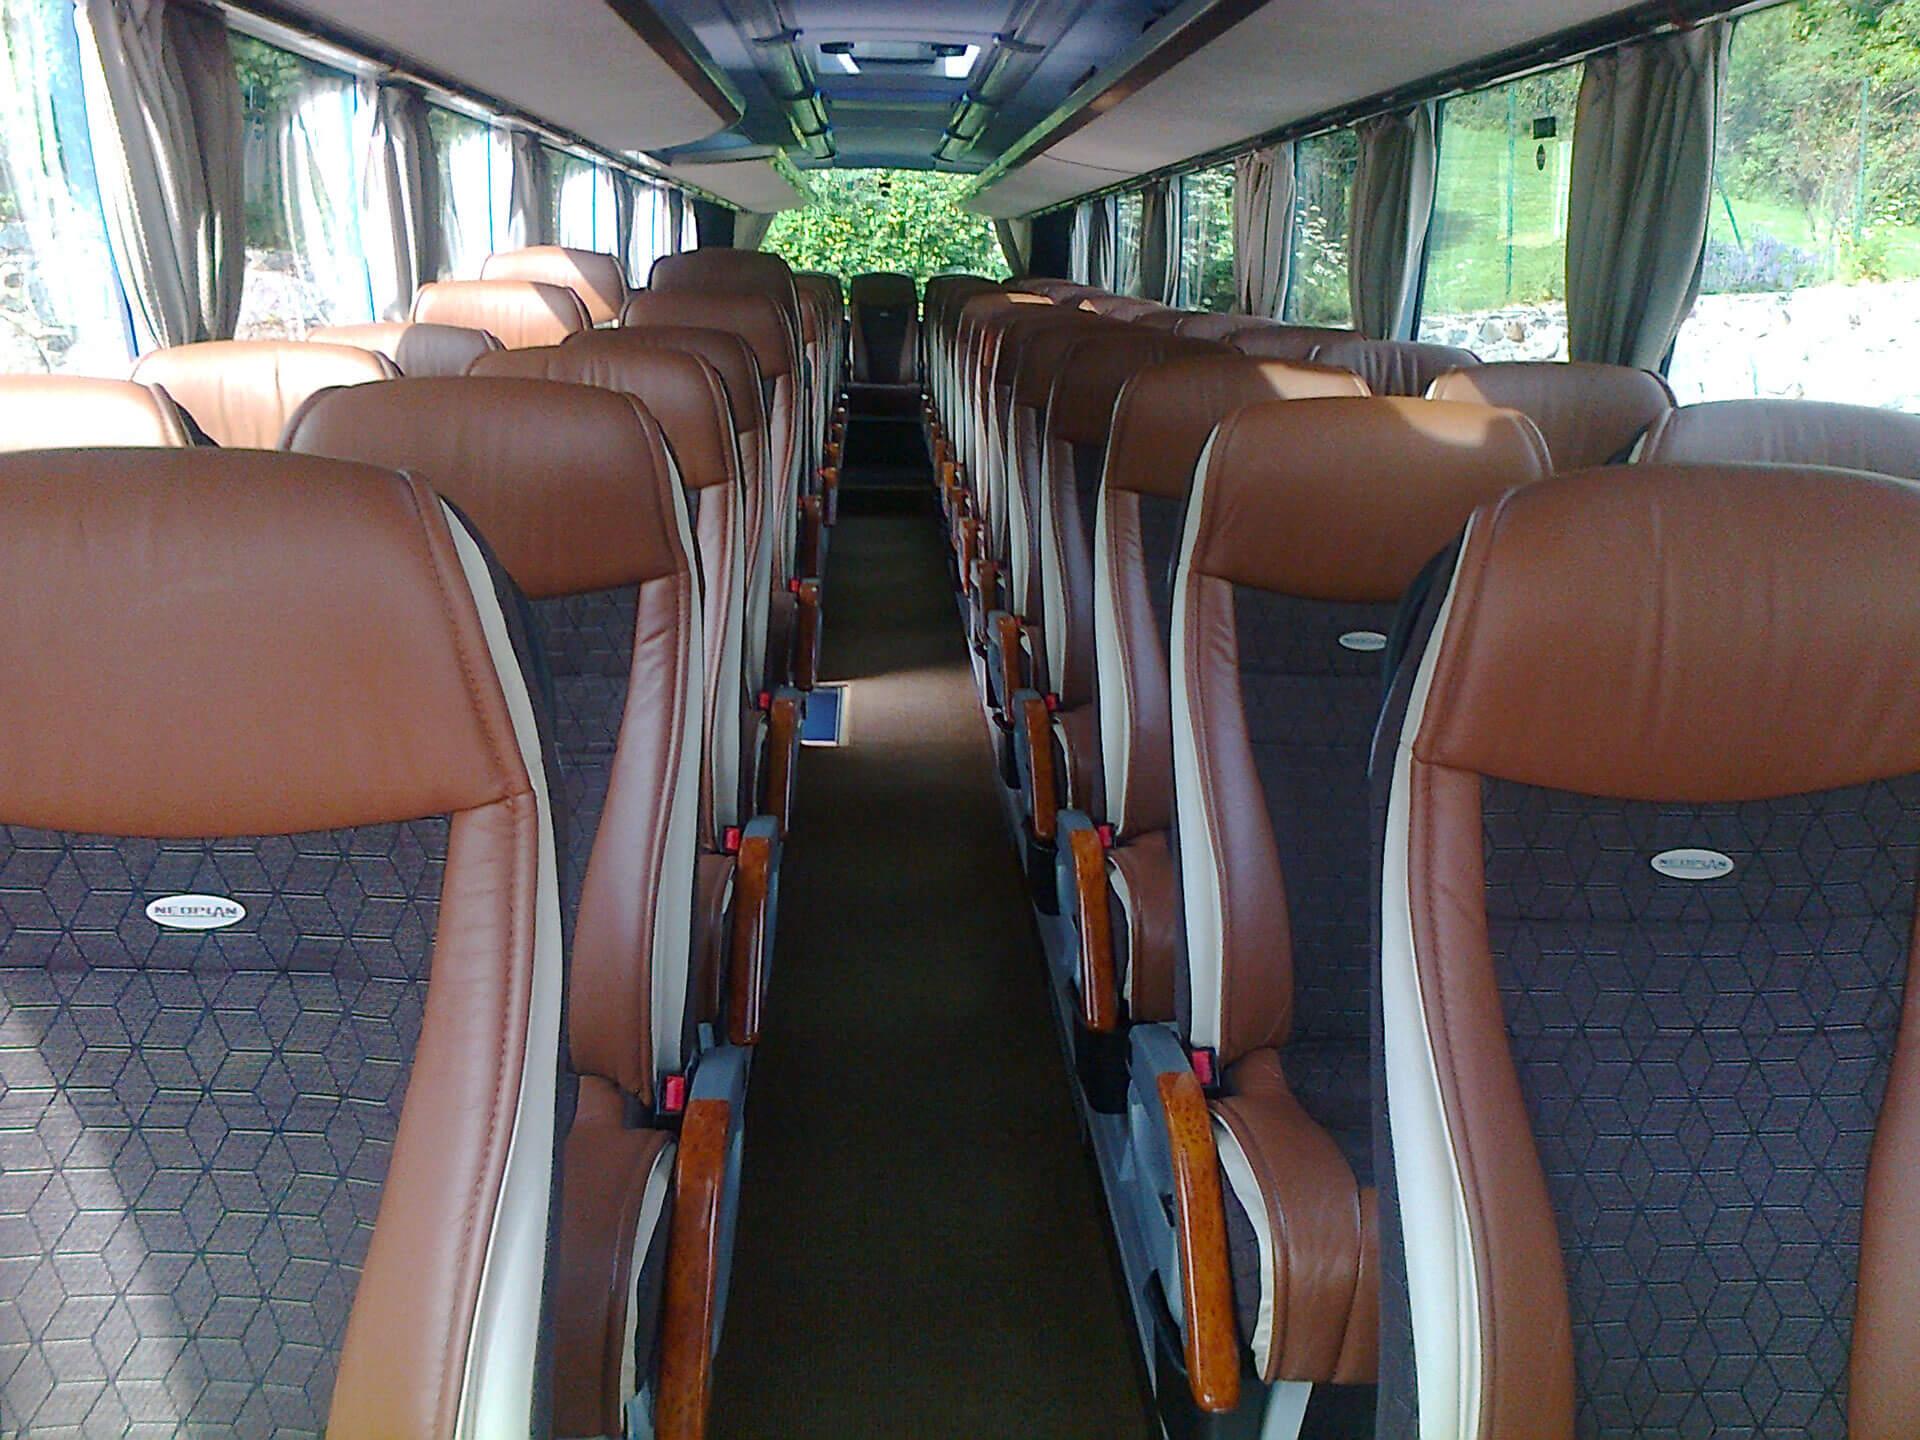 transfert gare hôtel autocars Aix-en-Provence Autocars BURLE